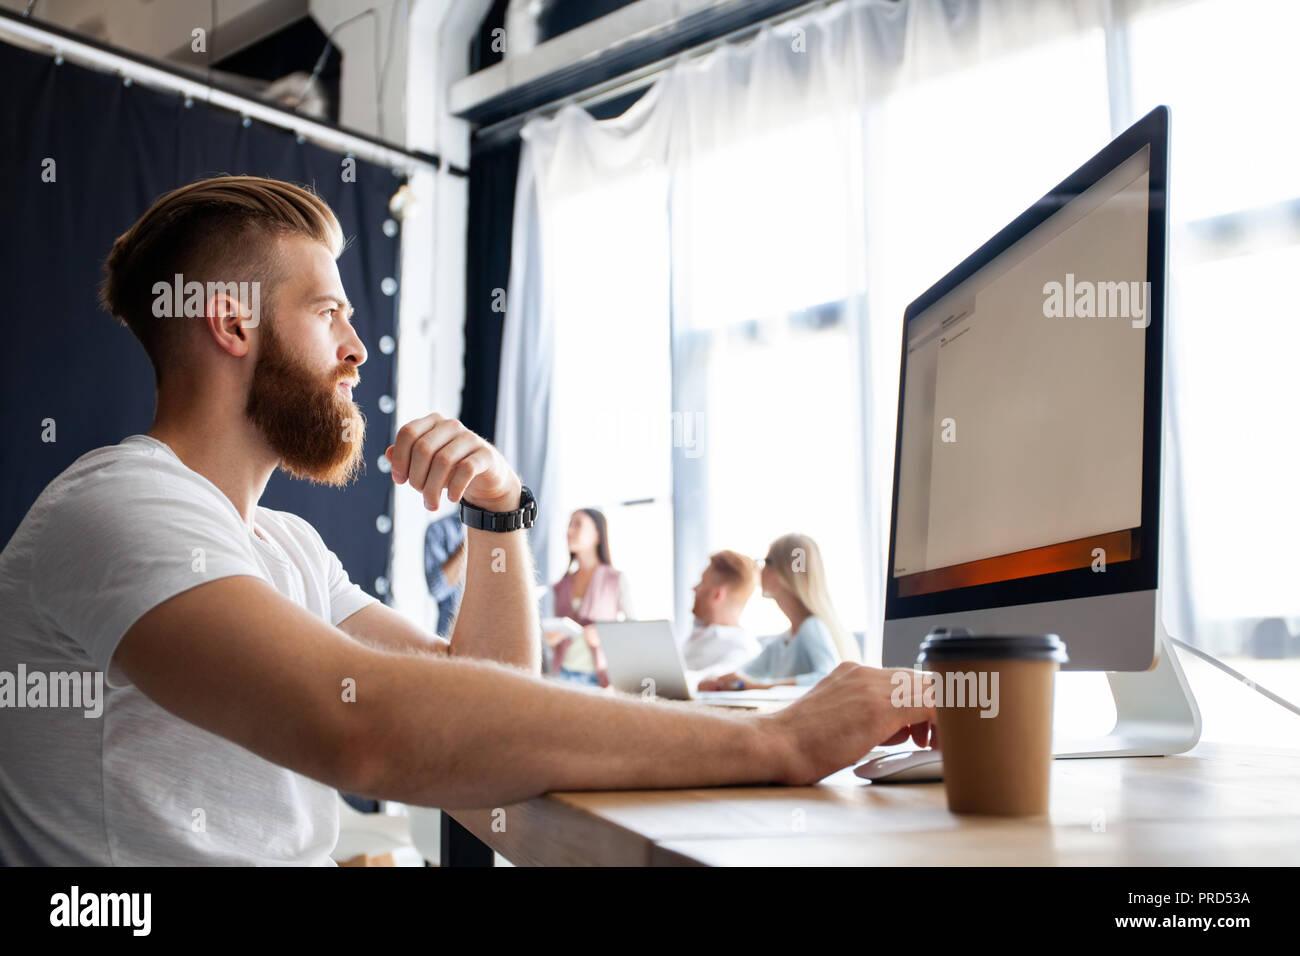 Oficina creativa. Jóvenes colegas moderno en smart ropa casual trabajando mientras pasa el tiempo en la oficina. Imagen De Stock